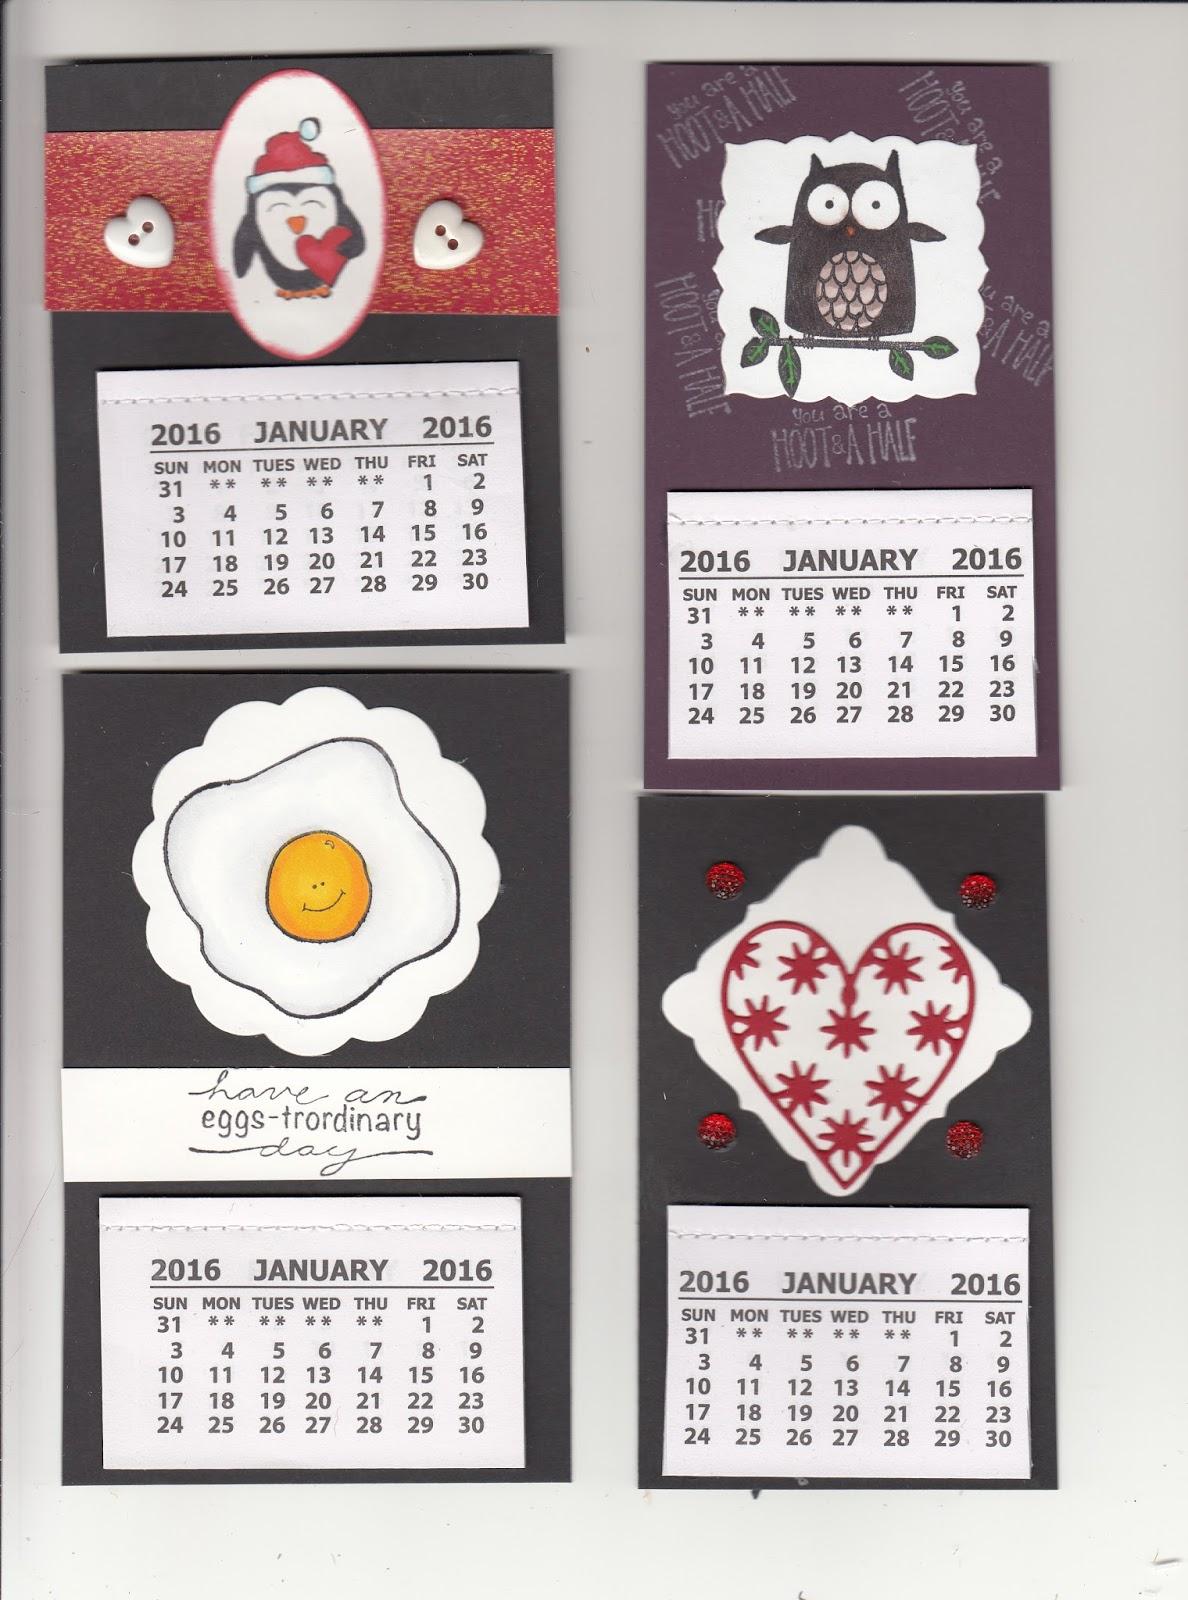 Handmade Calendar Designs : Cool handmade calendars images unique